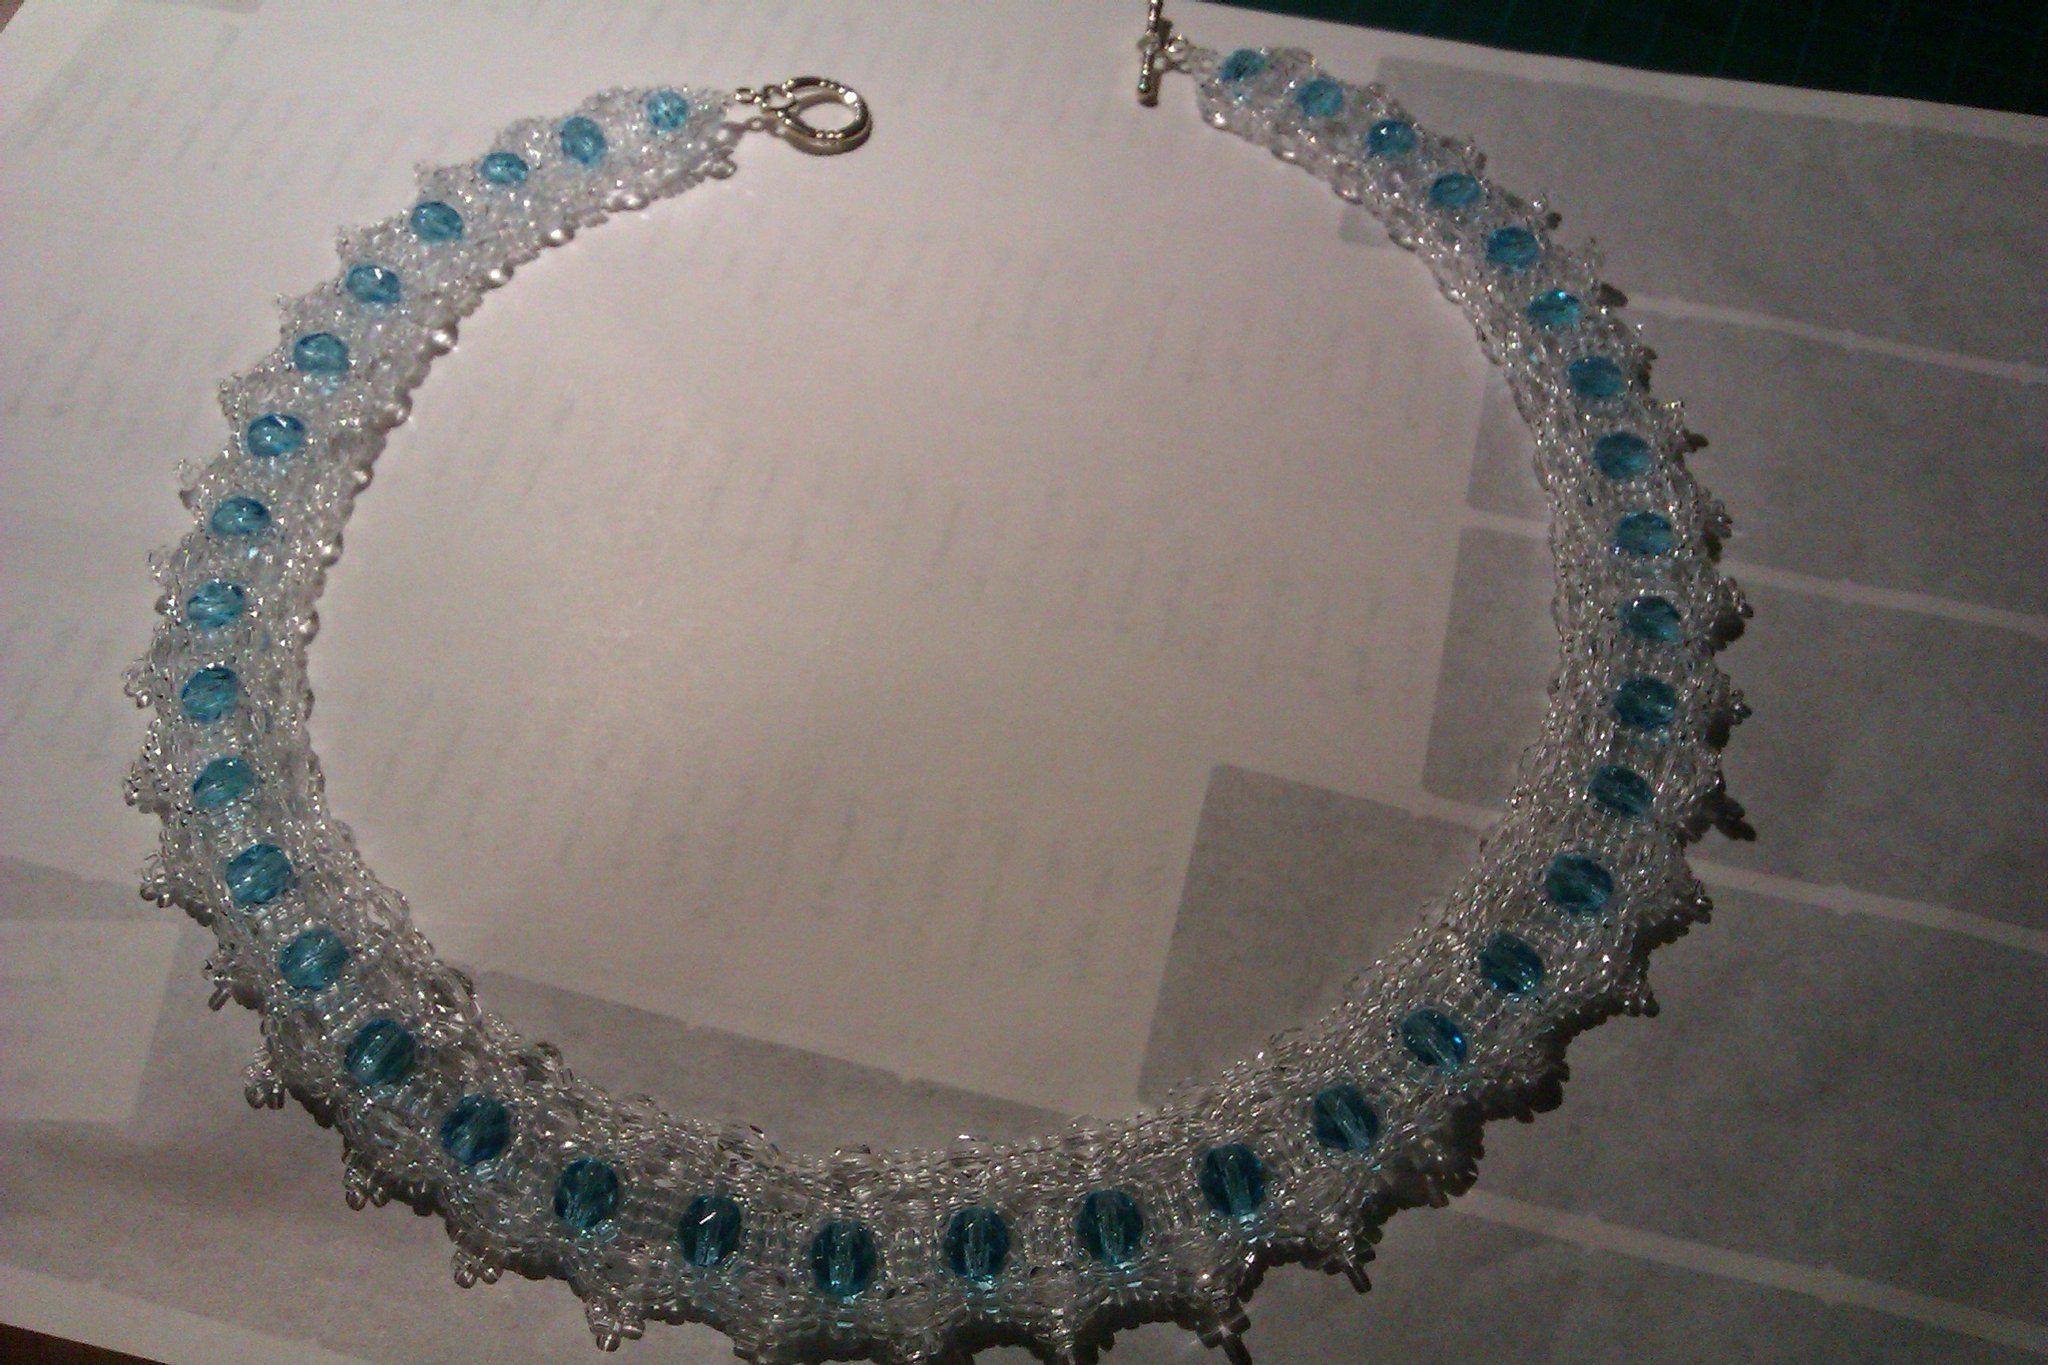 My lovely necklace